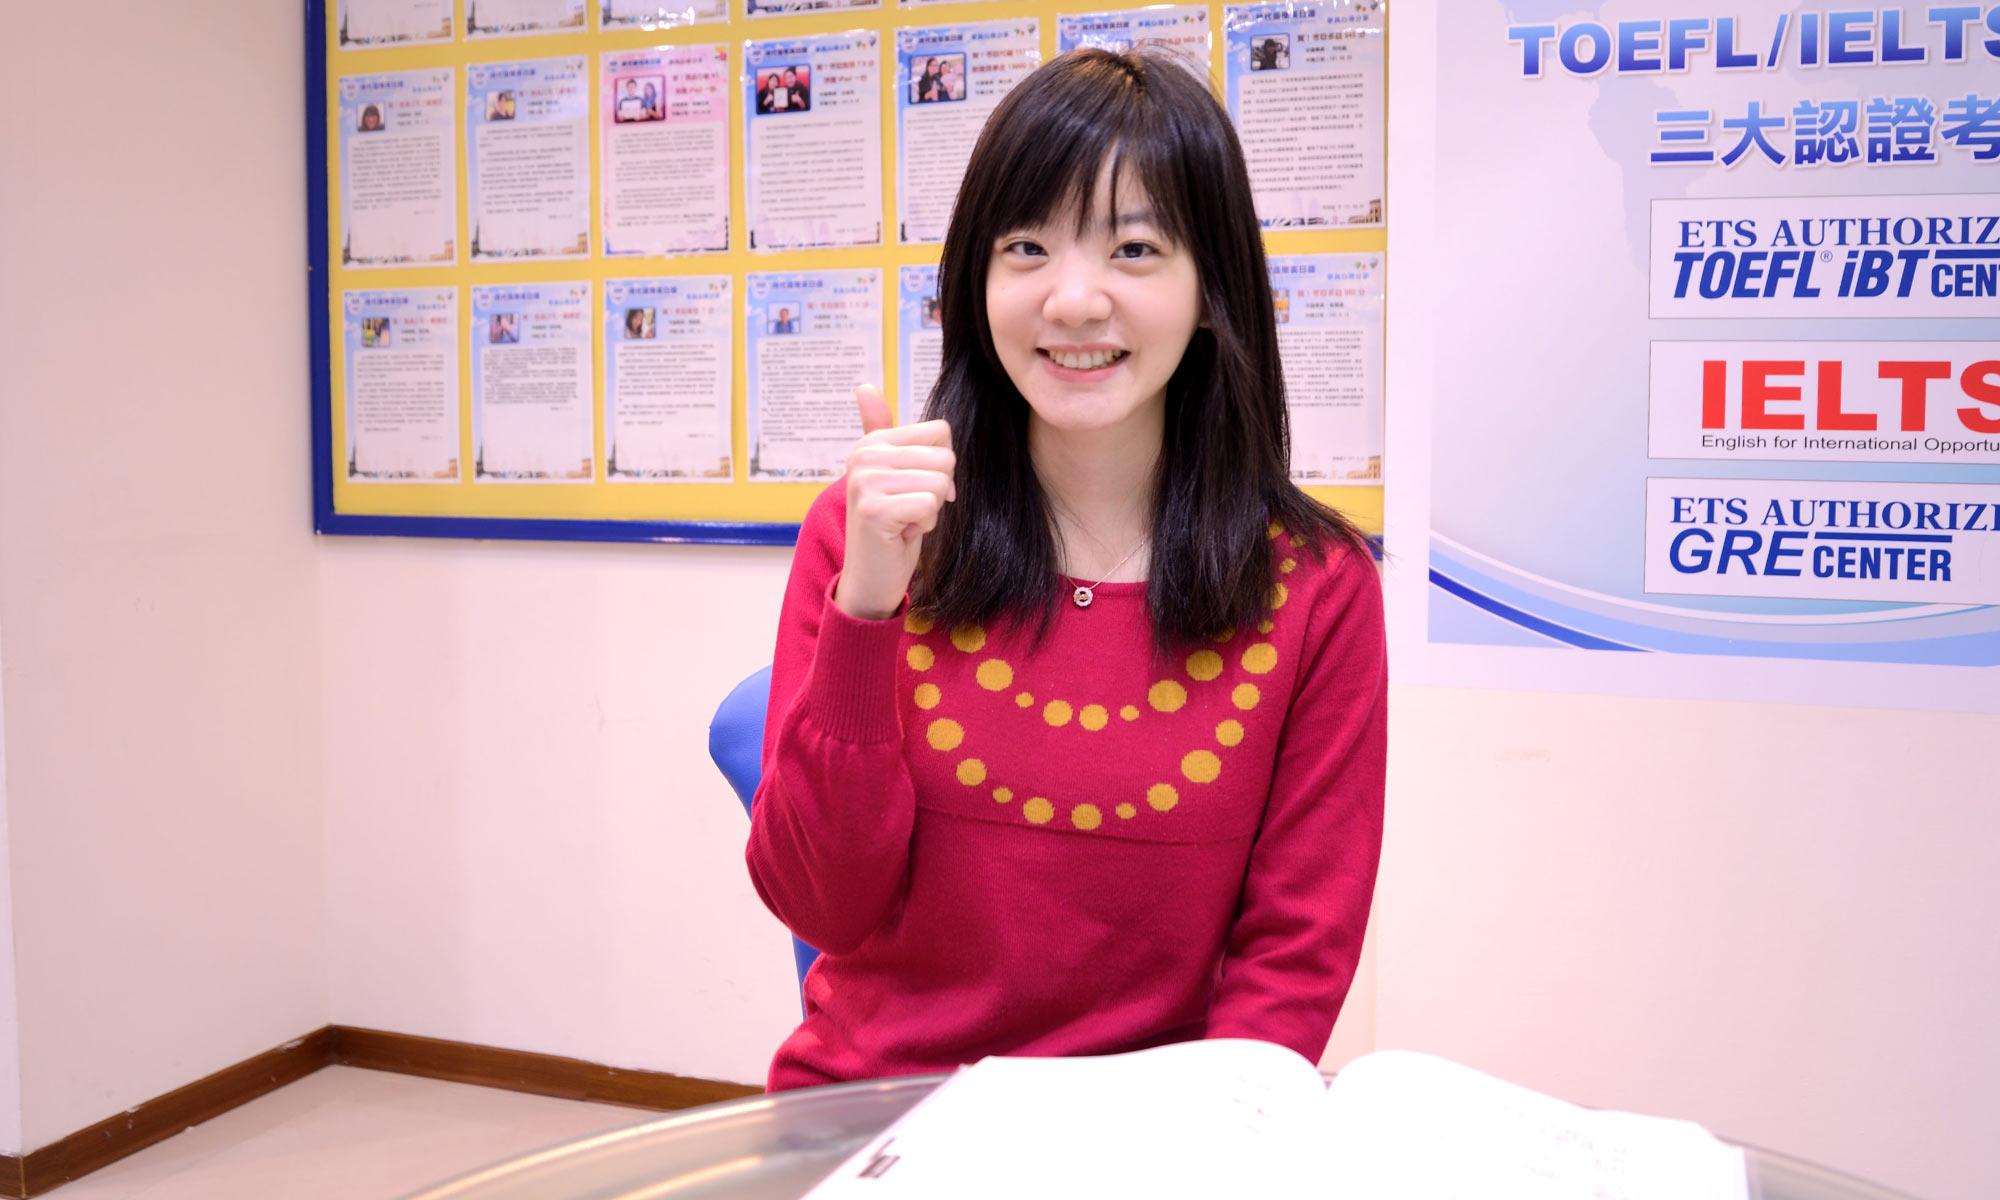 學員鄭伊庭 通過日語檢定N1